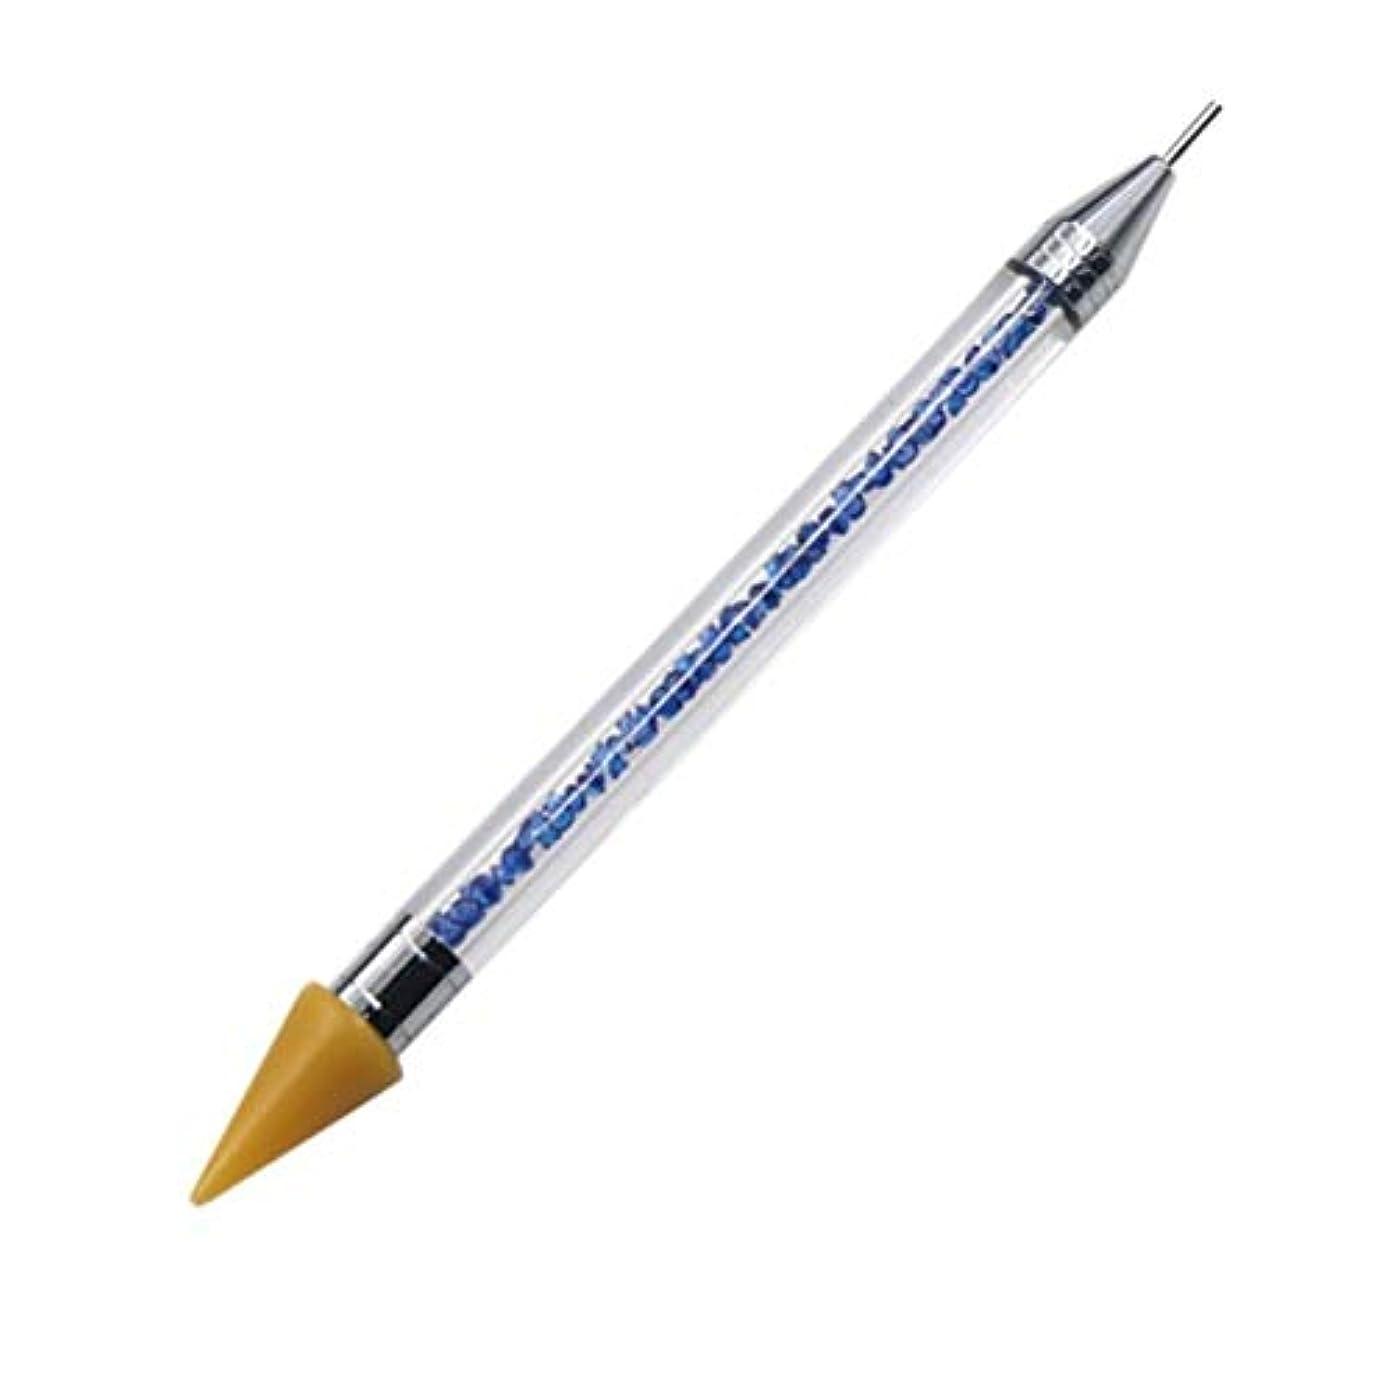 普通の流す提唱するネイルペン DIY デュアルエンド 絵画ツール ペン ネイル筆 ネイルアートペン ネイルアートブラシ マニキュアツールキット ネイルツール ネイル用品 ラインストーンピッカー点在ペン マニキュアネイルアート DIY 装飾ツール